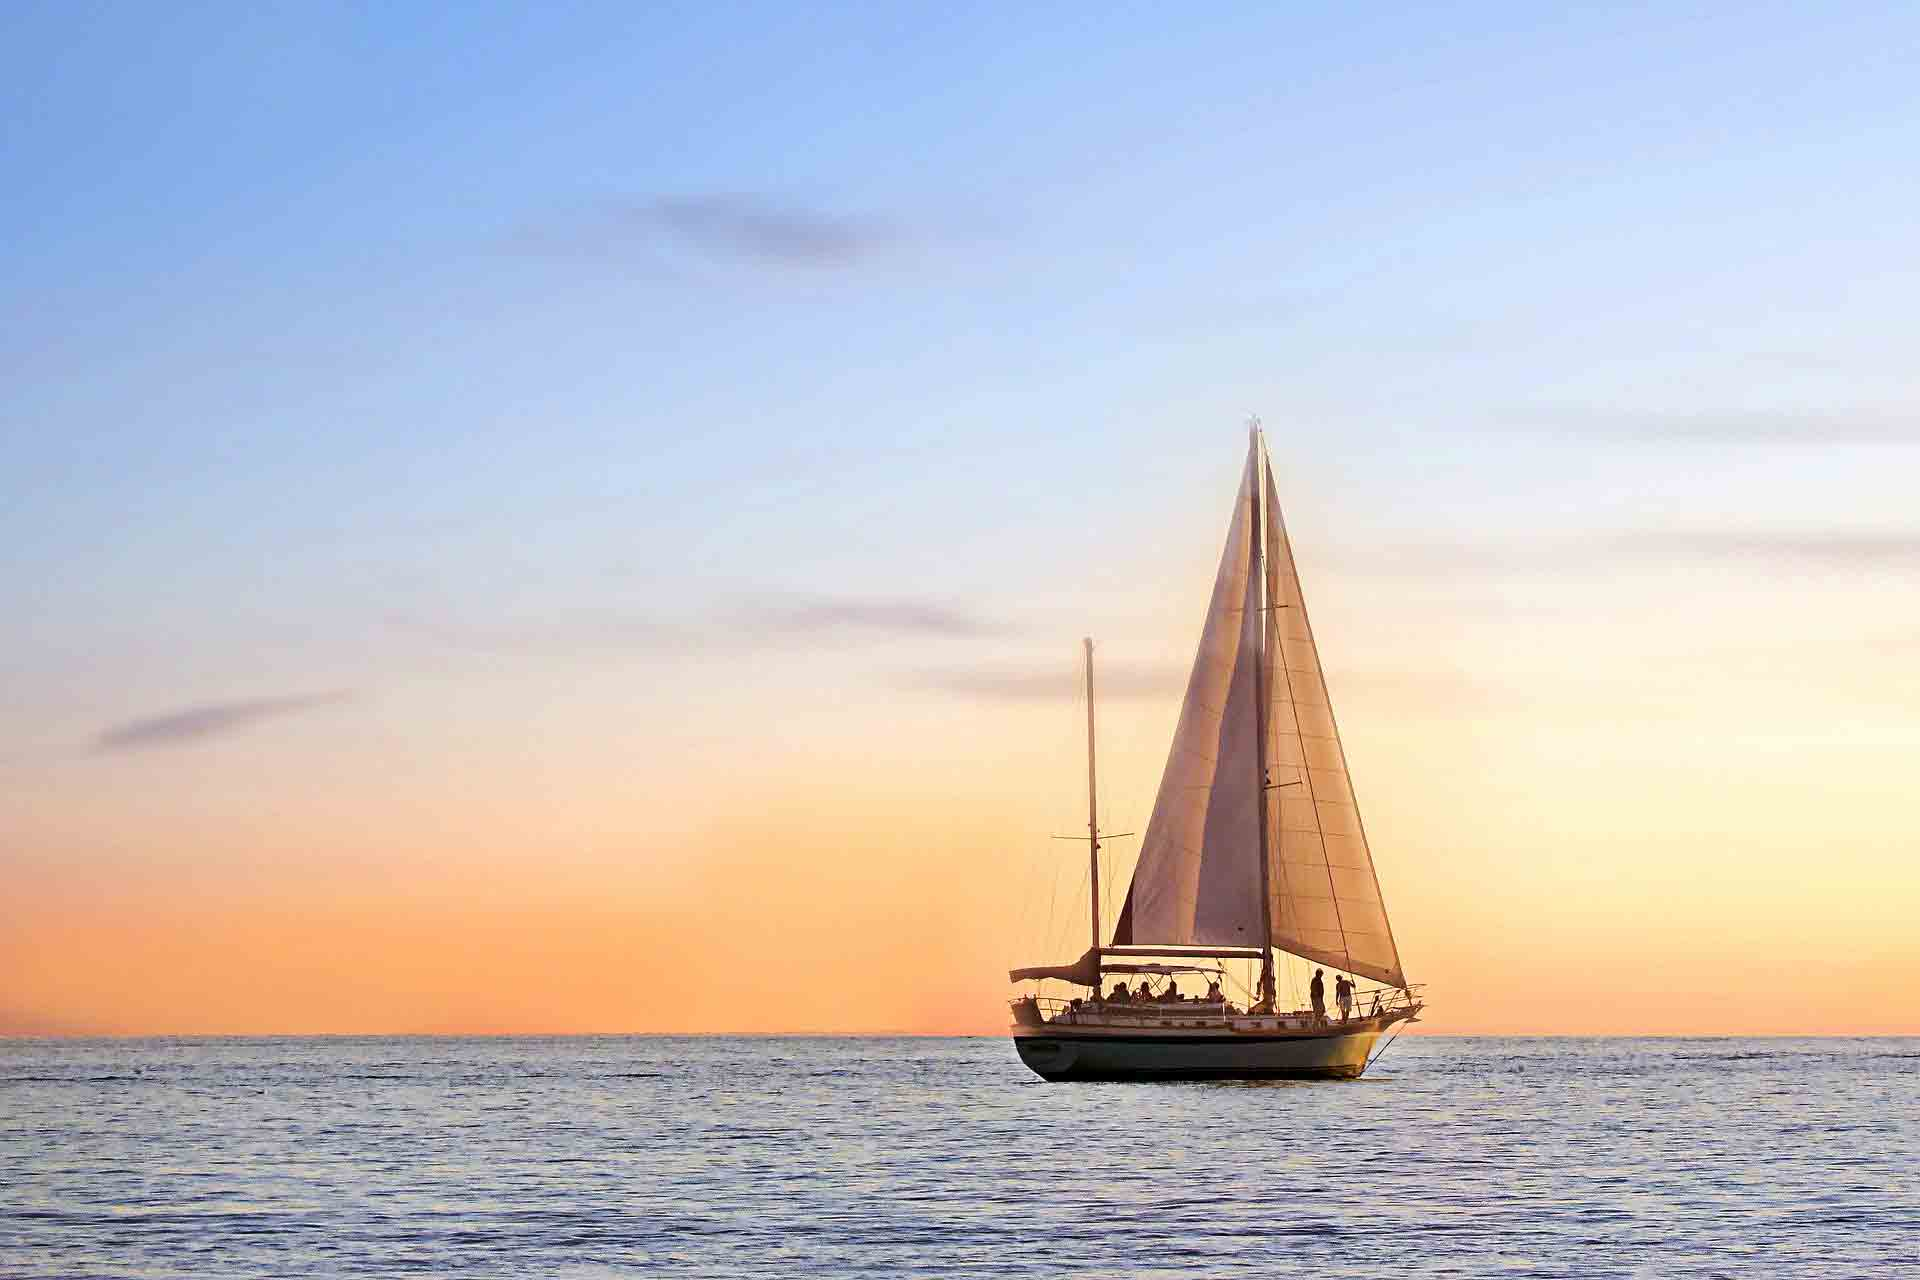 Isole-pelagie-Barca-a-vela